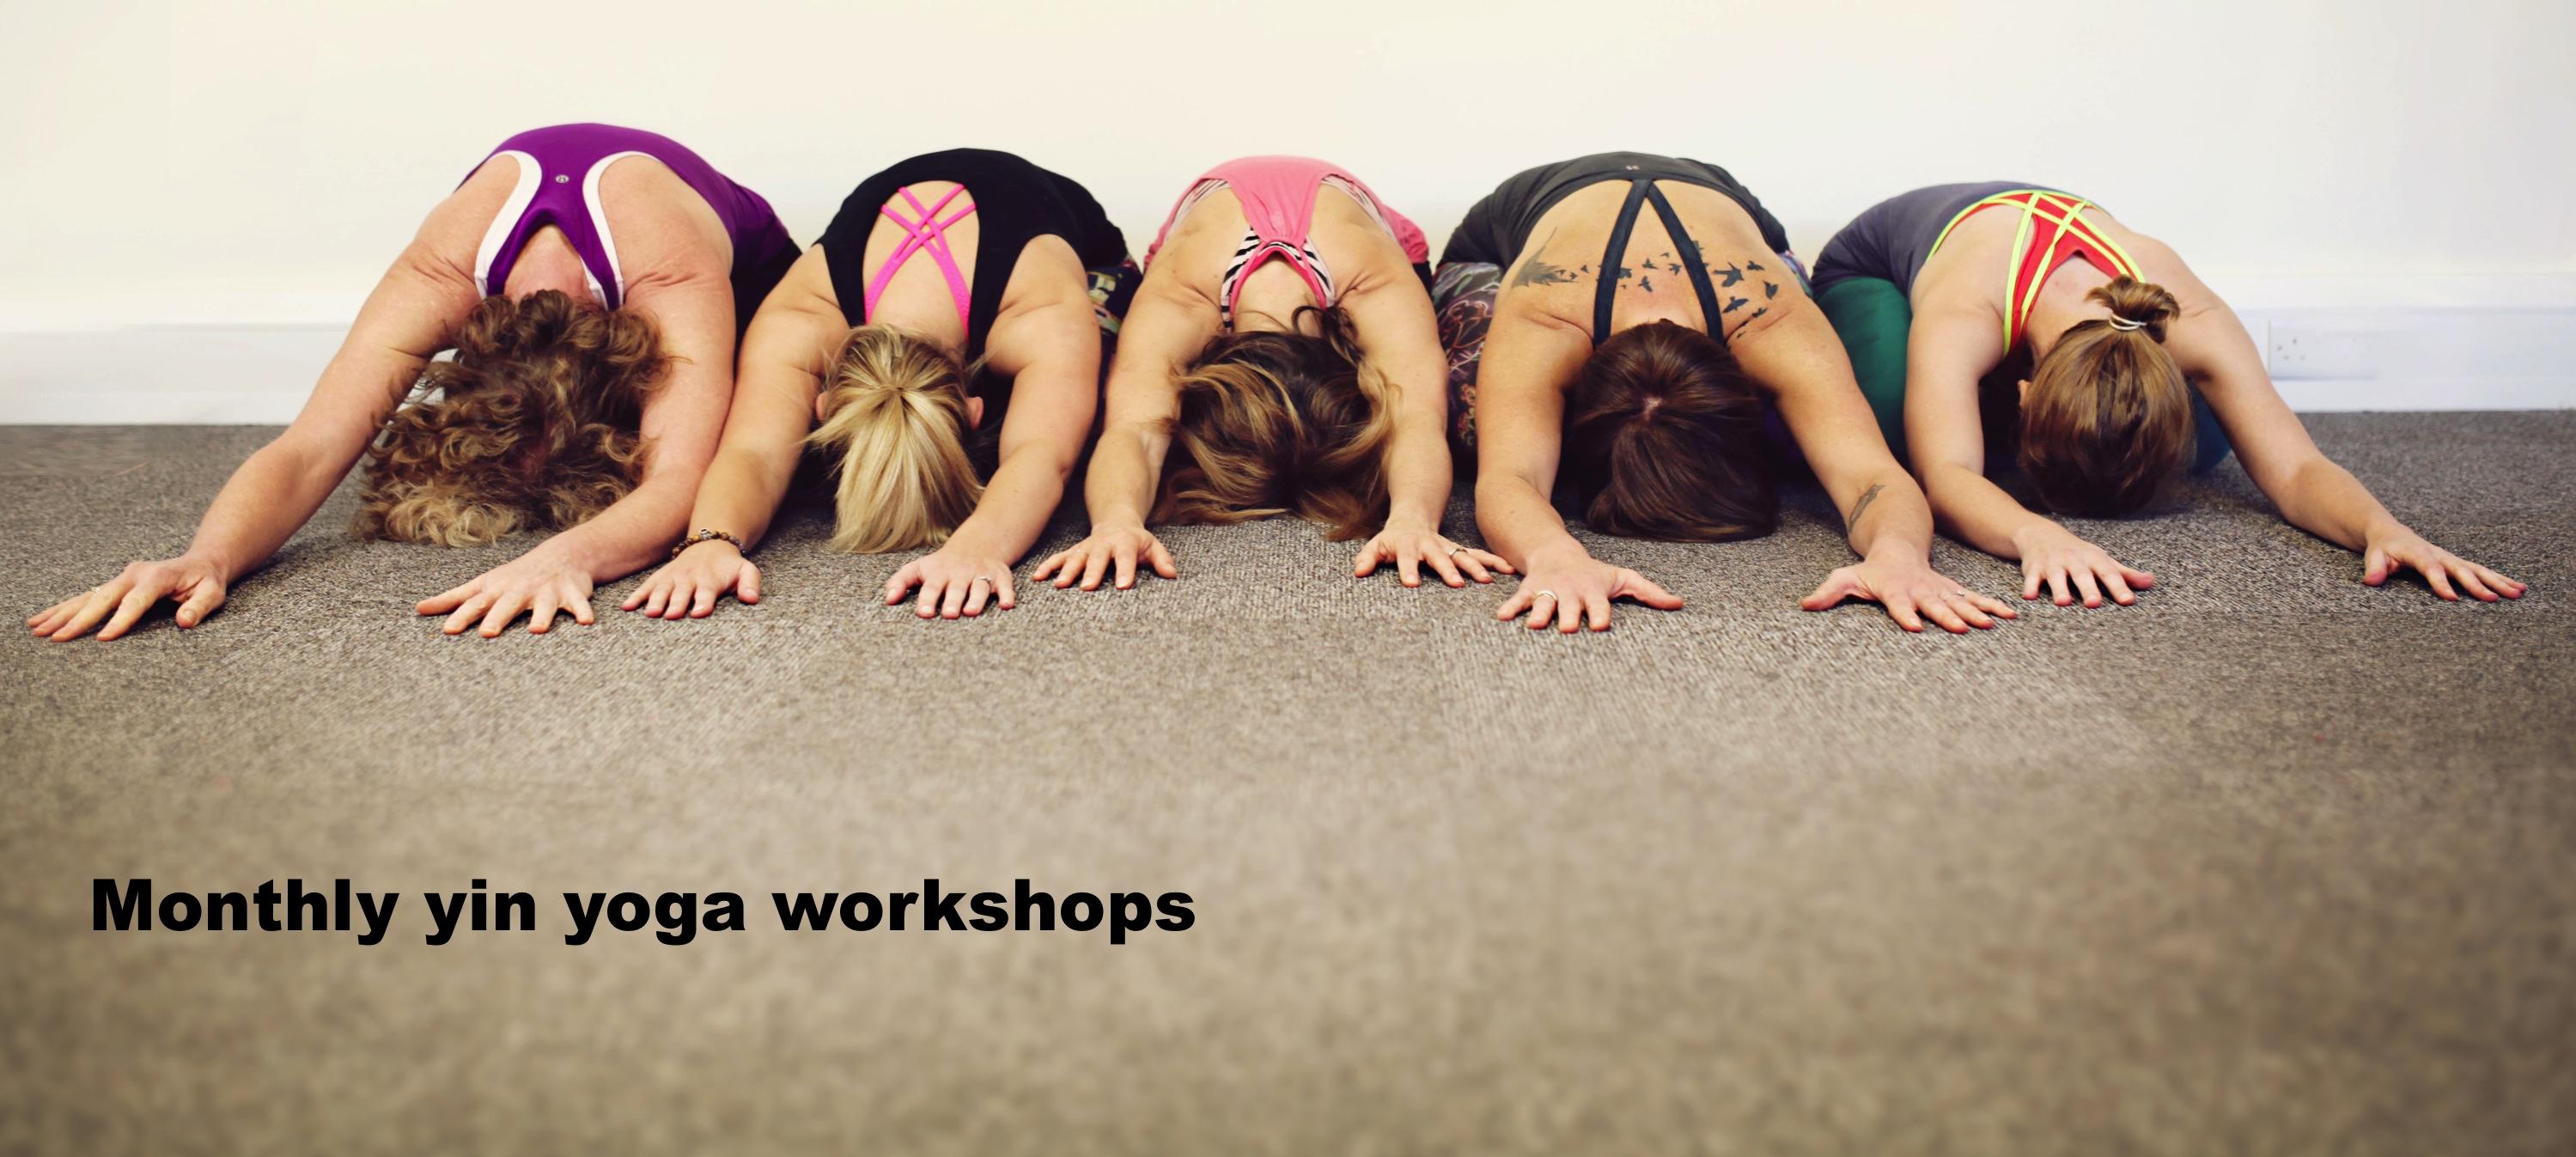 17.06.22 workshops